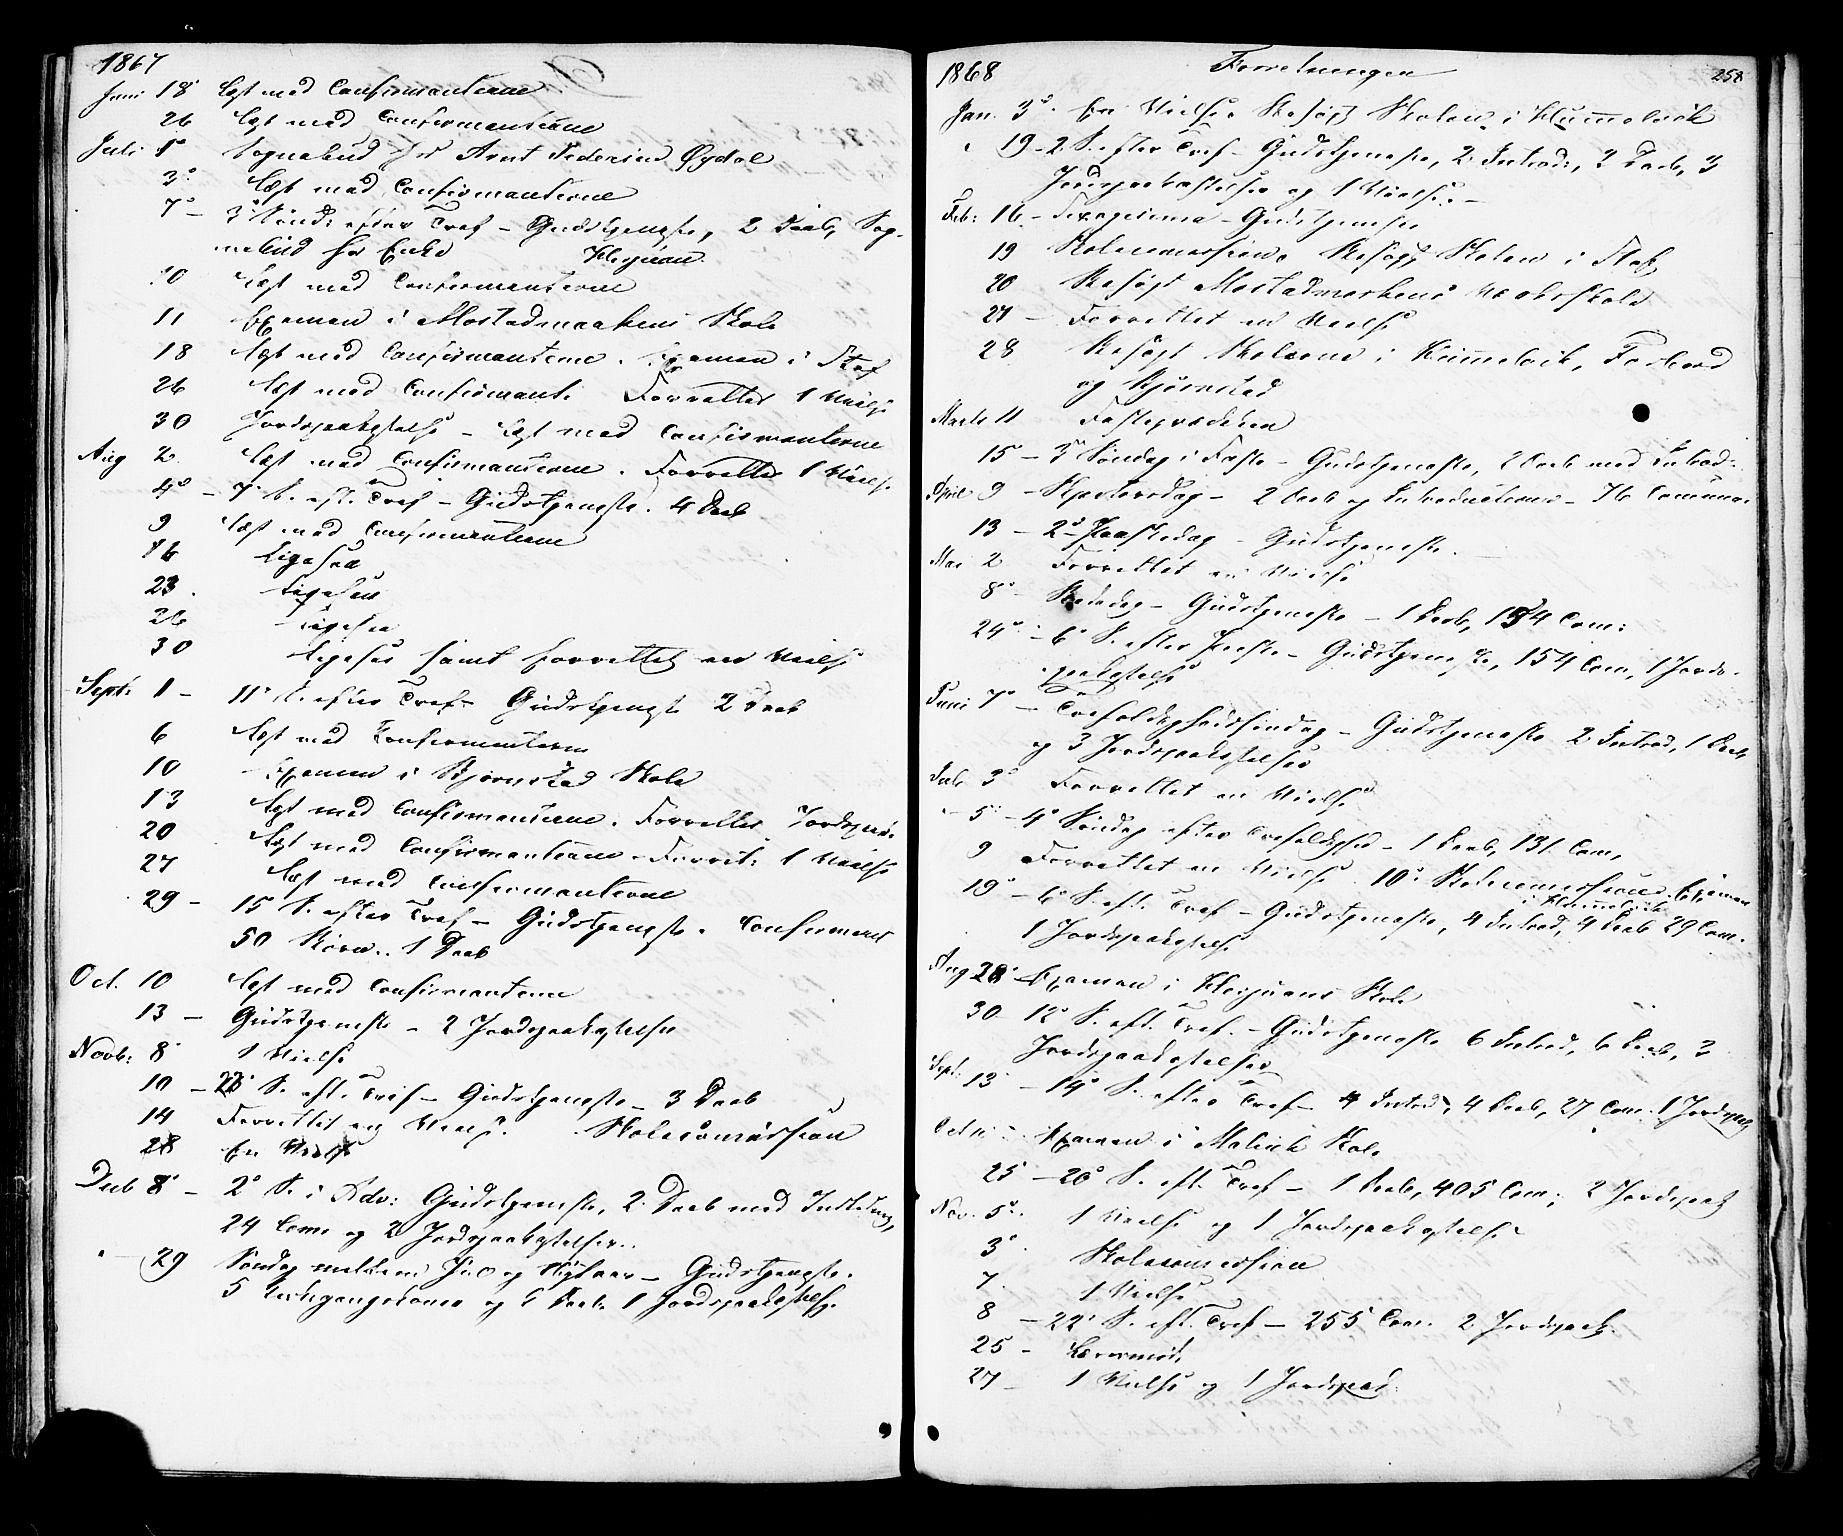 SAT, Ministerialprotokoller, klokkerbøker og fødselsregistre - Sør-Trøndelag, 616/L0409: Ministerialbok nr. 616A06, 1865-1877, s. 258